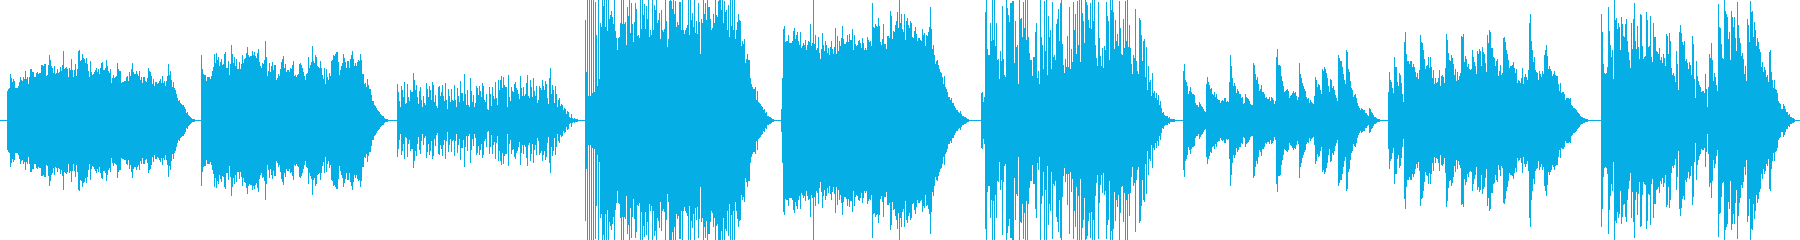 【宝石箱】3箱セット(300曲)の再生済みの波形